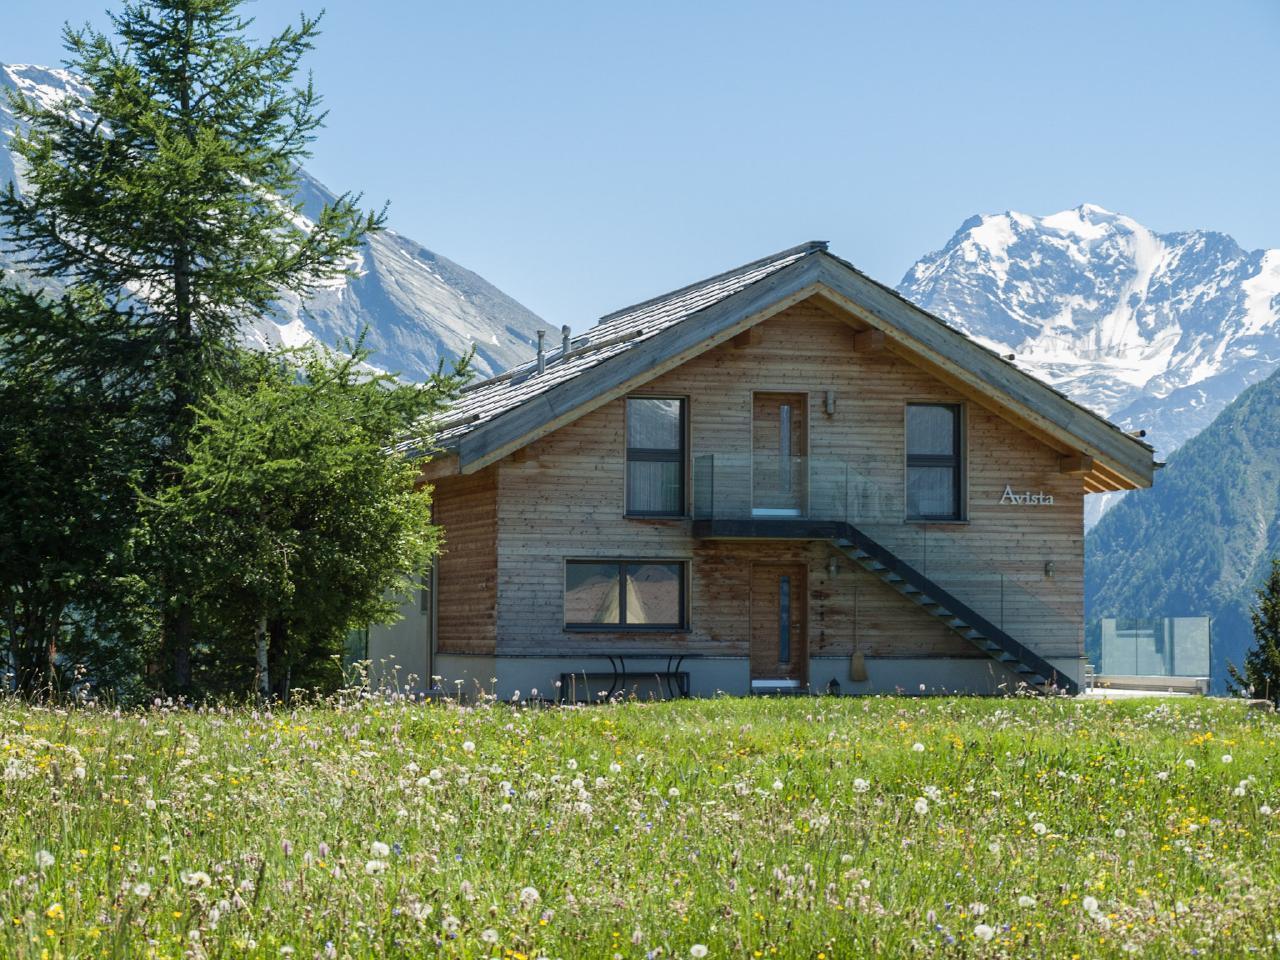 Ferienwohnung Chalet Avista moderne Ferienwohnung auf Rosswald im Wallis (2296310), Rosswald, Brig - Simplon, Wallis, Schweiz, Bild 8